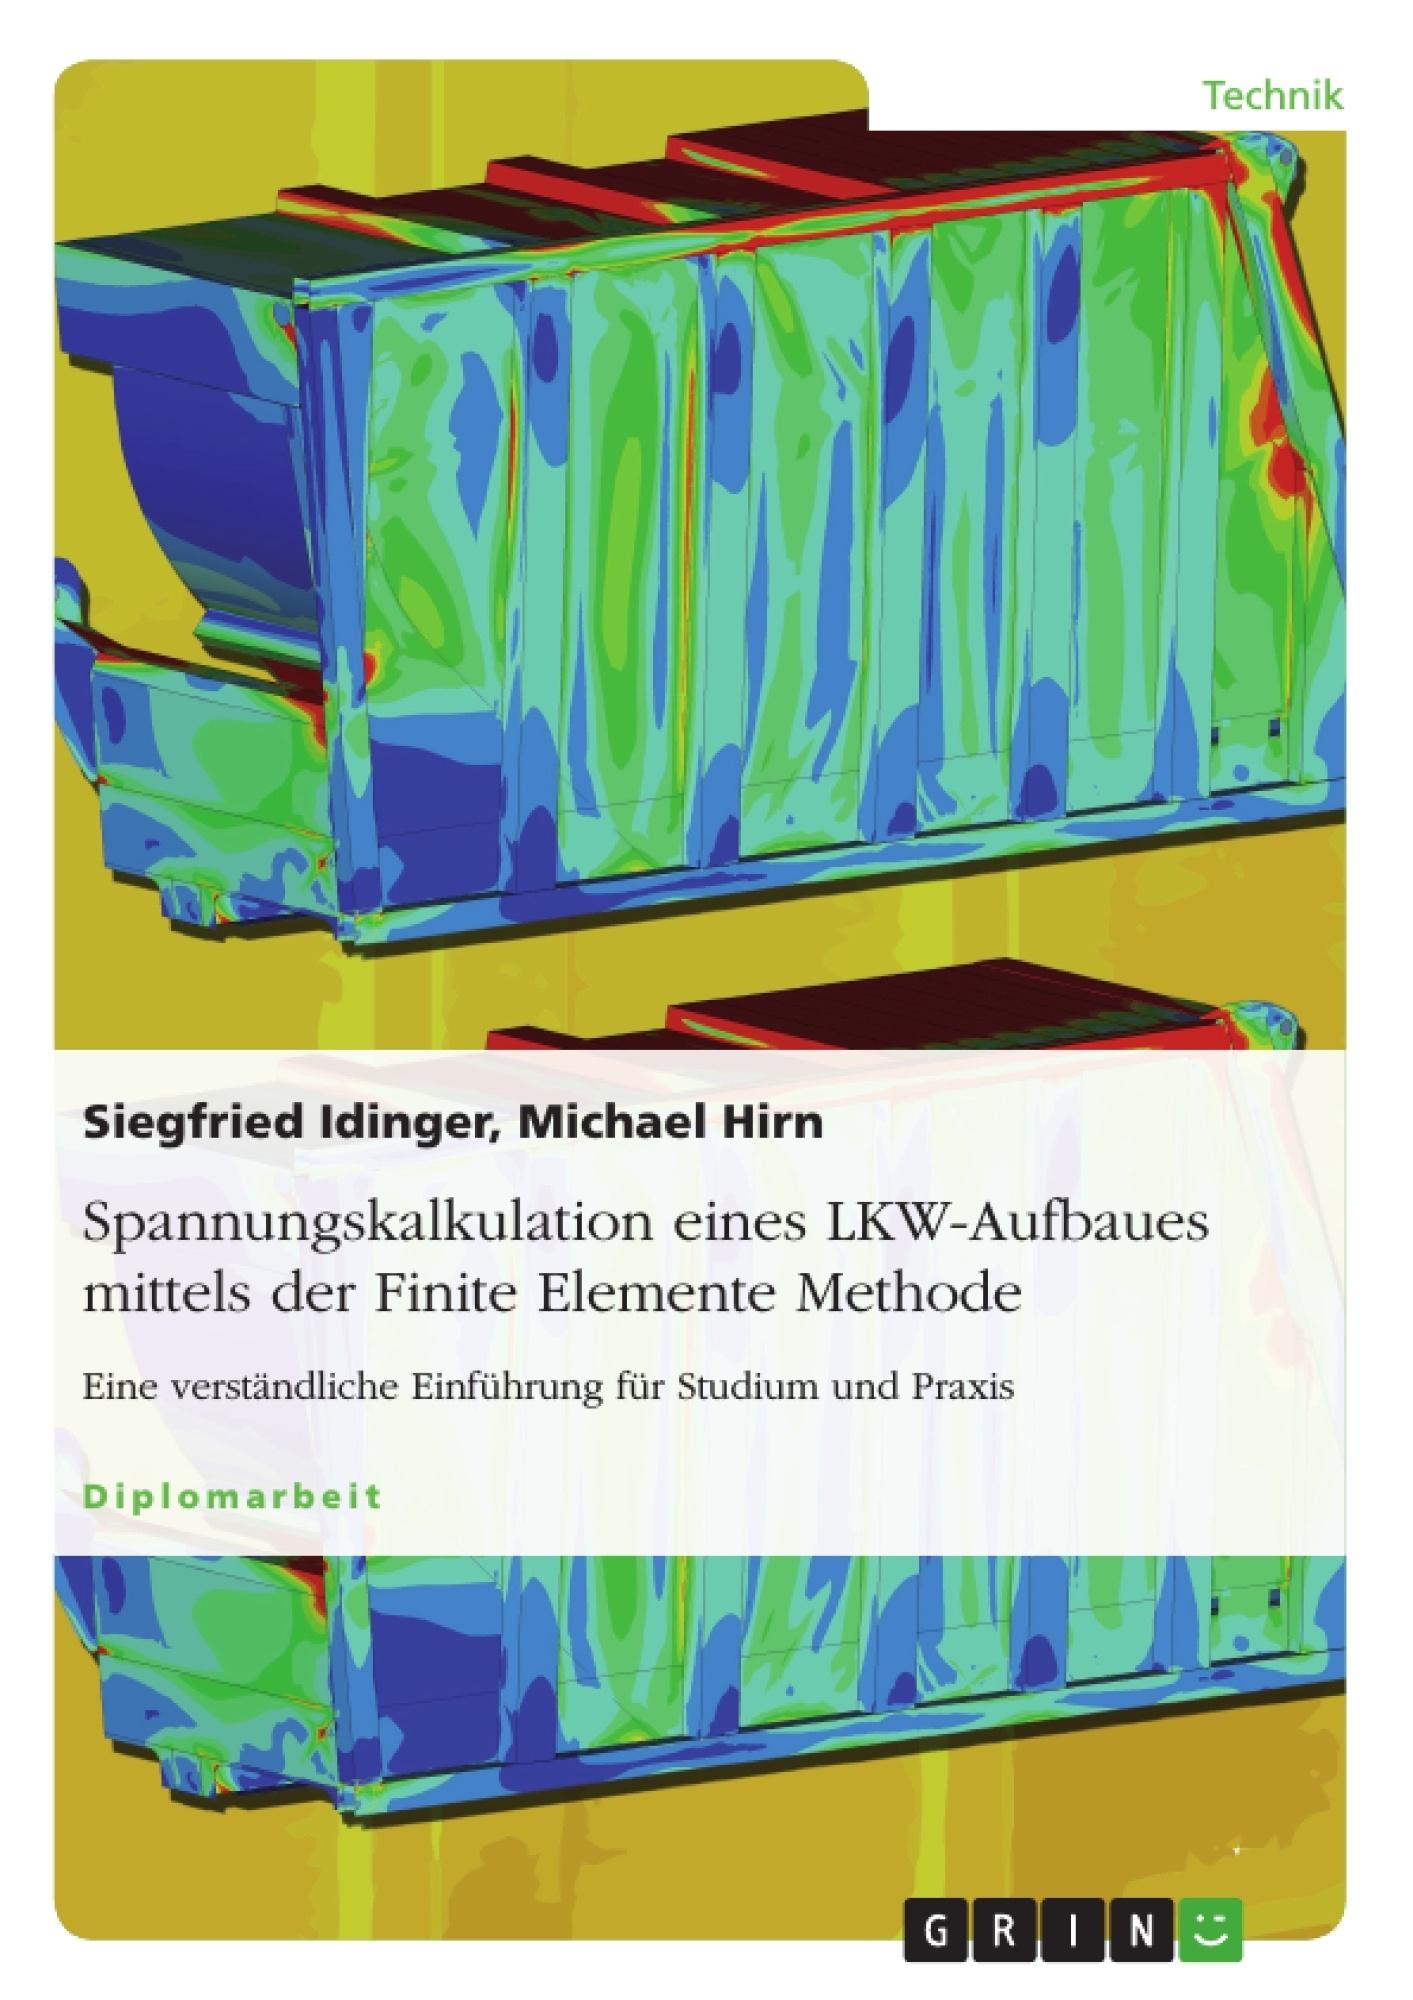 Titel: Spannungskalkulation eines LKW-Aufbaues mittels der Finite Elemente Methode